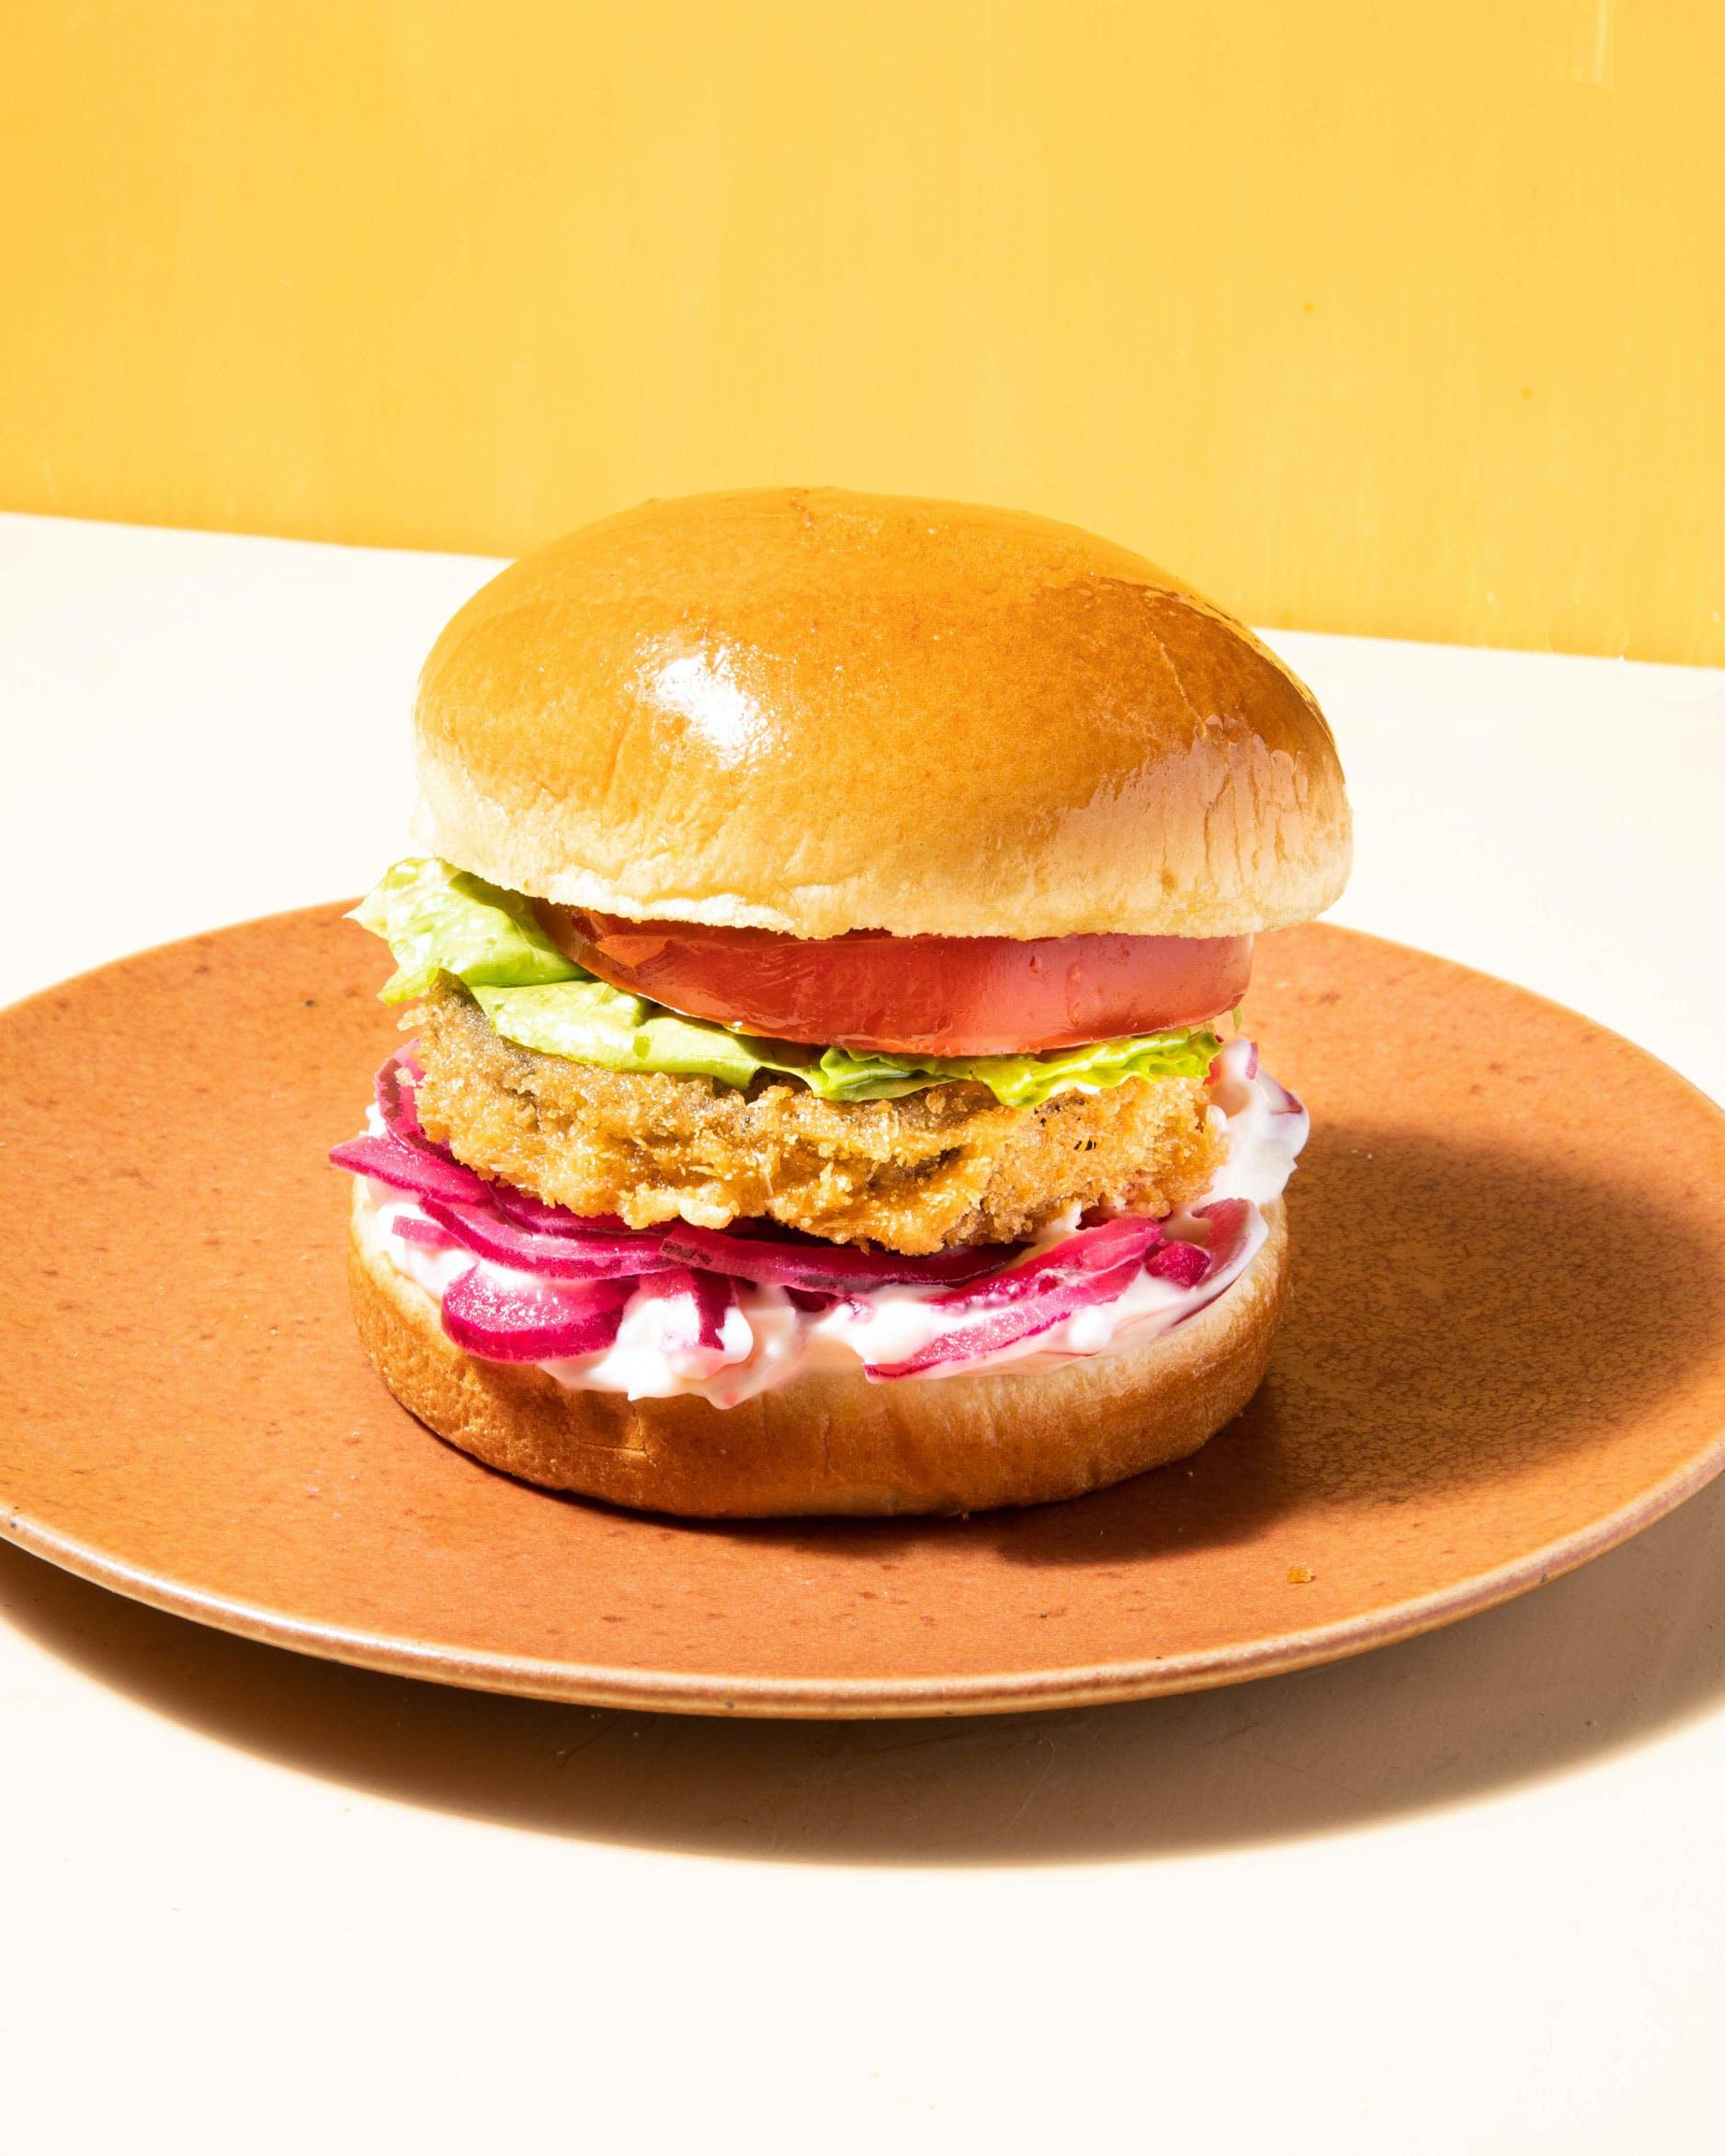 aubergine burger on plate